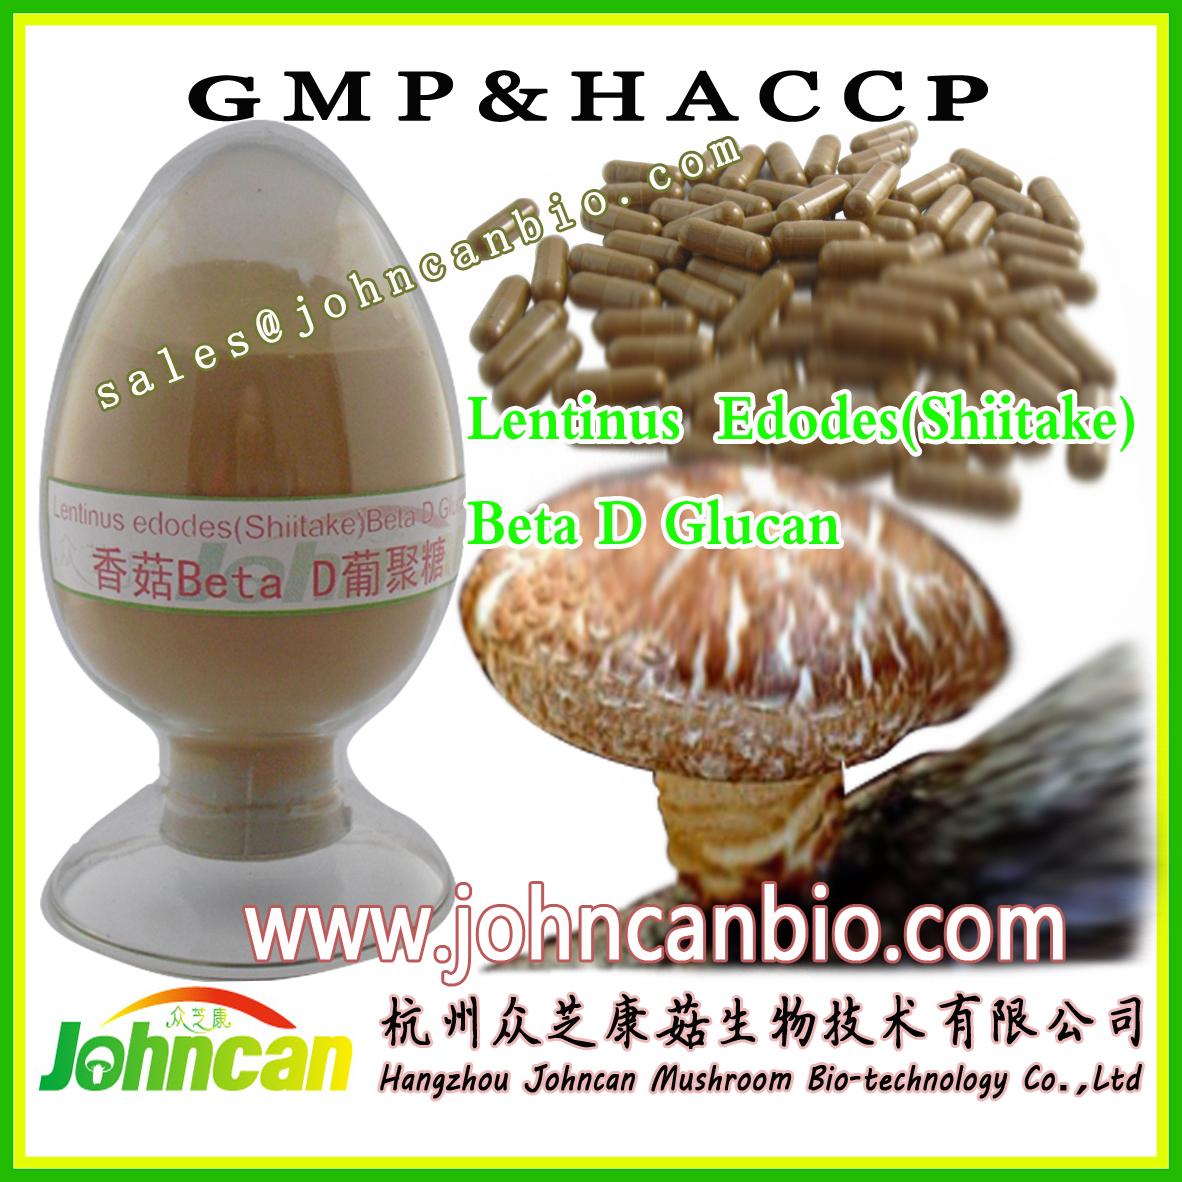 香菇葡聚糖 Beta D Glucan 1,3/1,6